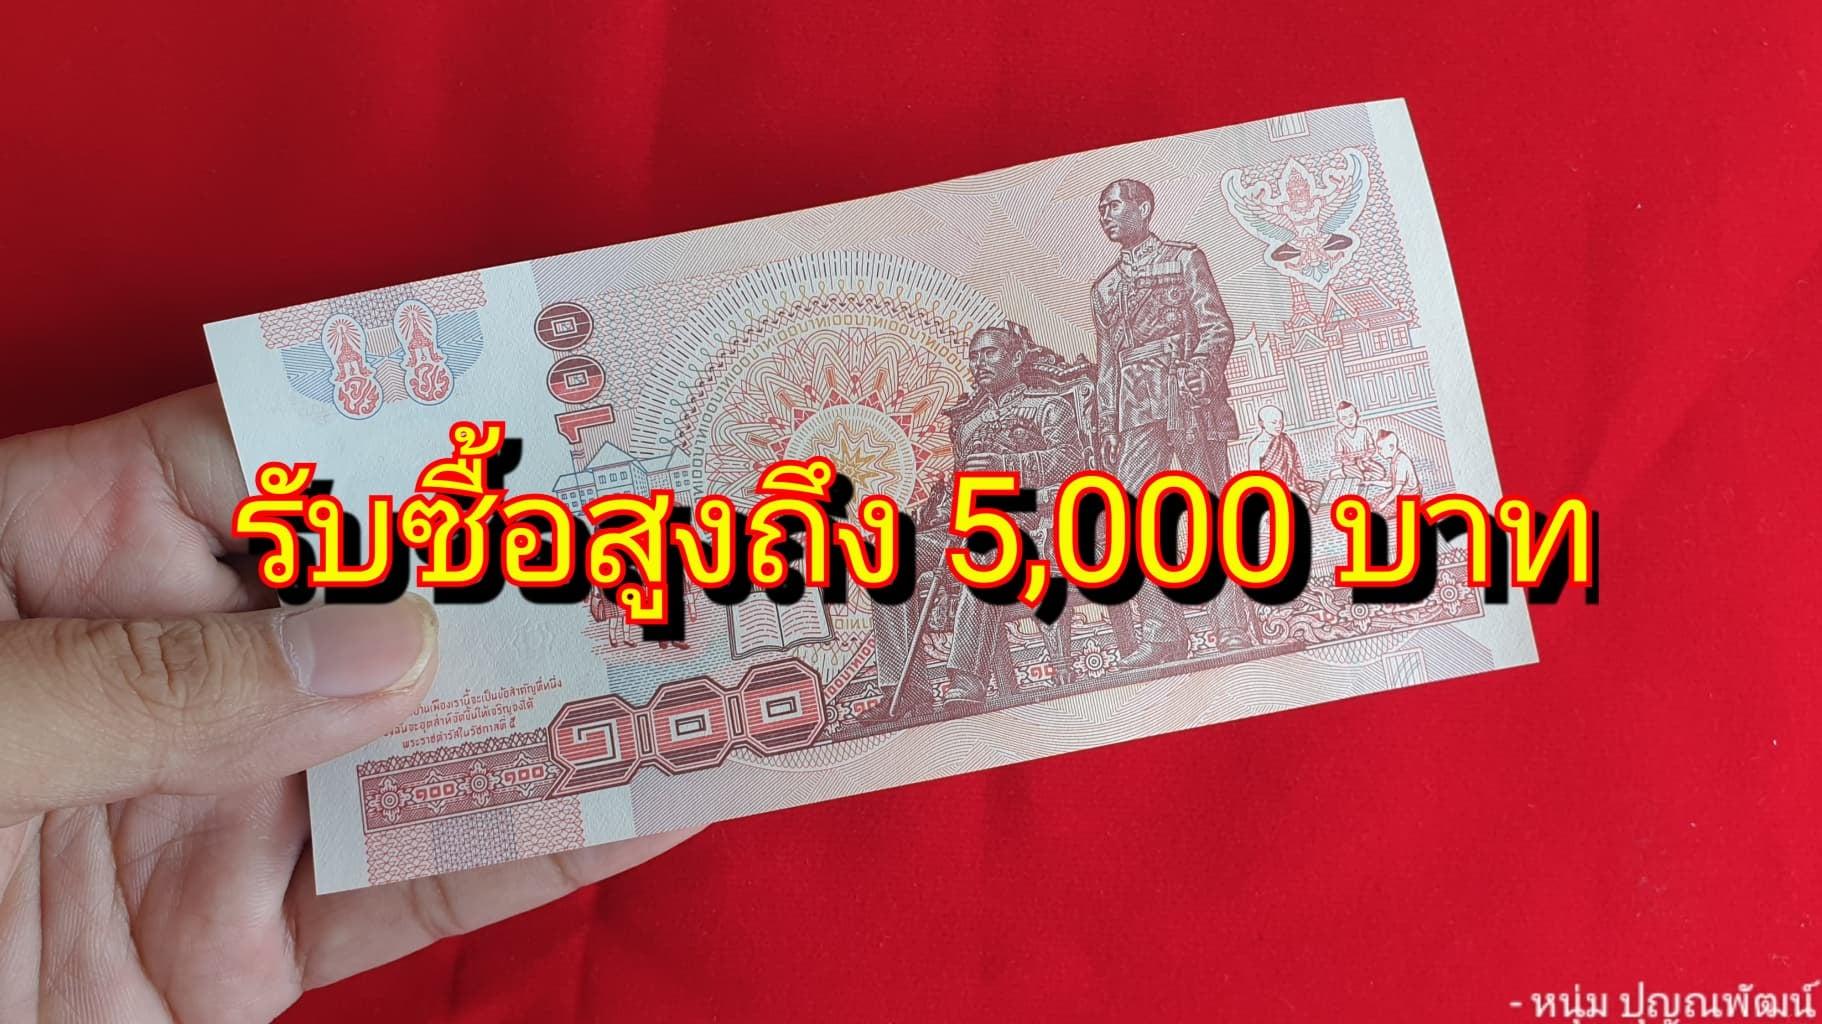 ร้านปาหนันประกาศรับซื้อแบงค์ 100 ที่มีความหายาก รับซื้อ 1,000 บาทถึง 5,000 บาท